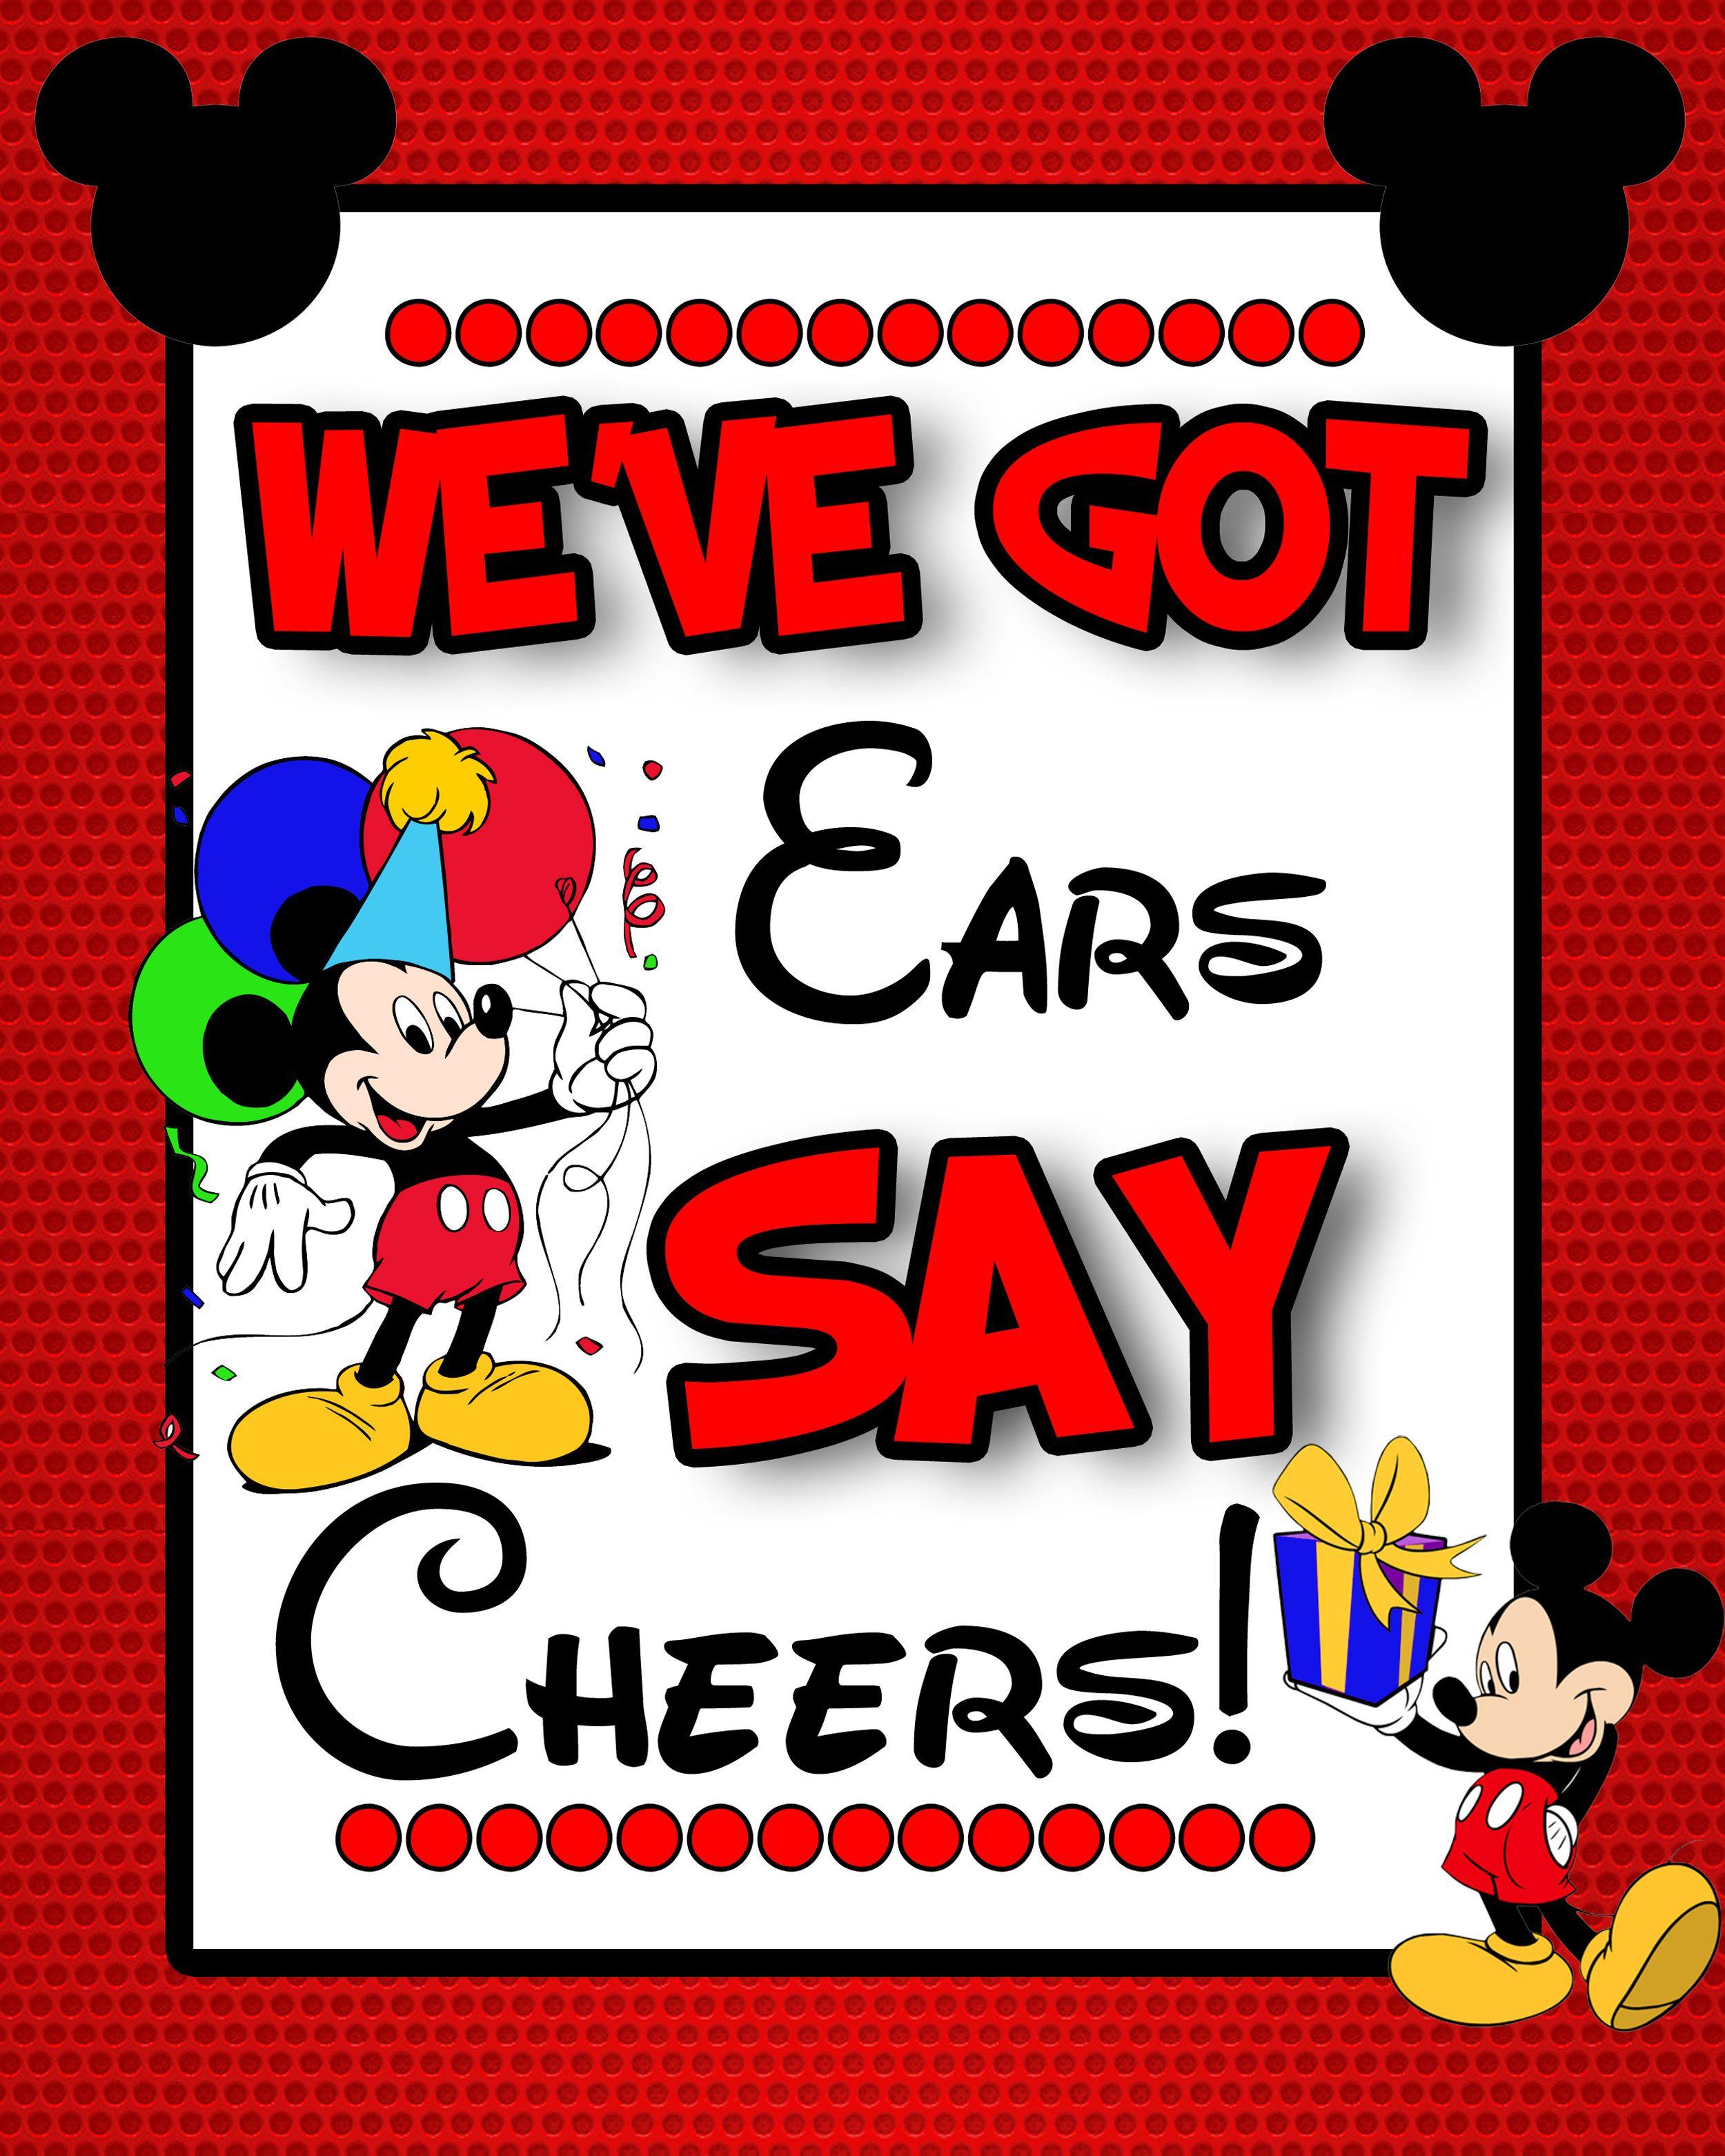 We\u2019ve got ears say cheers!